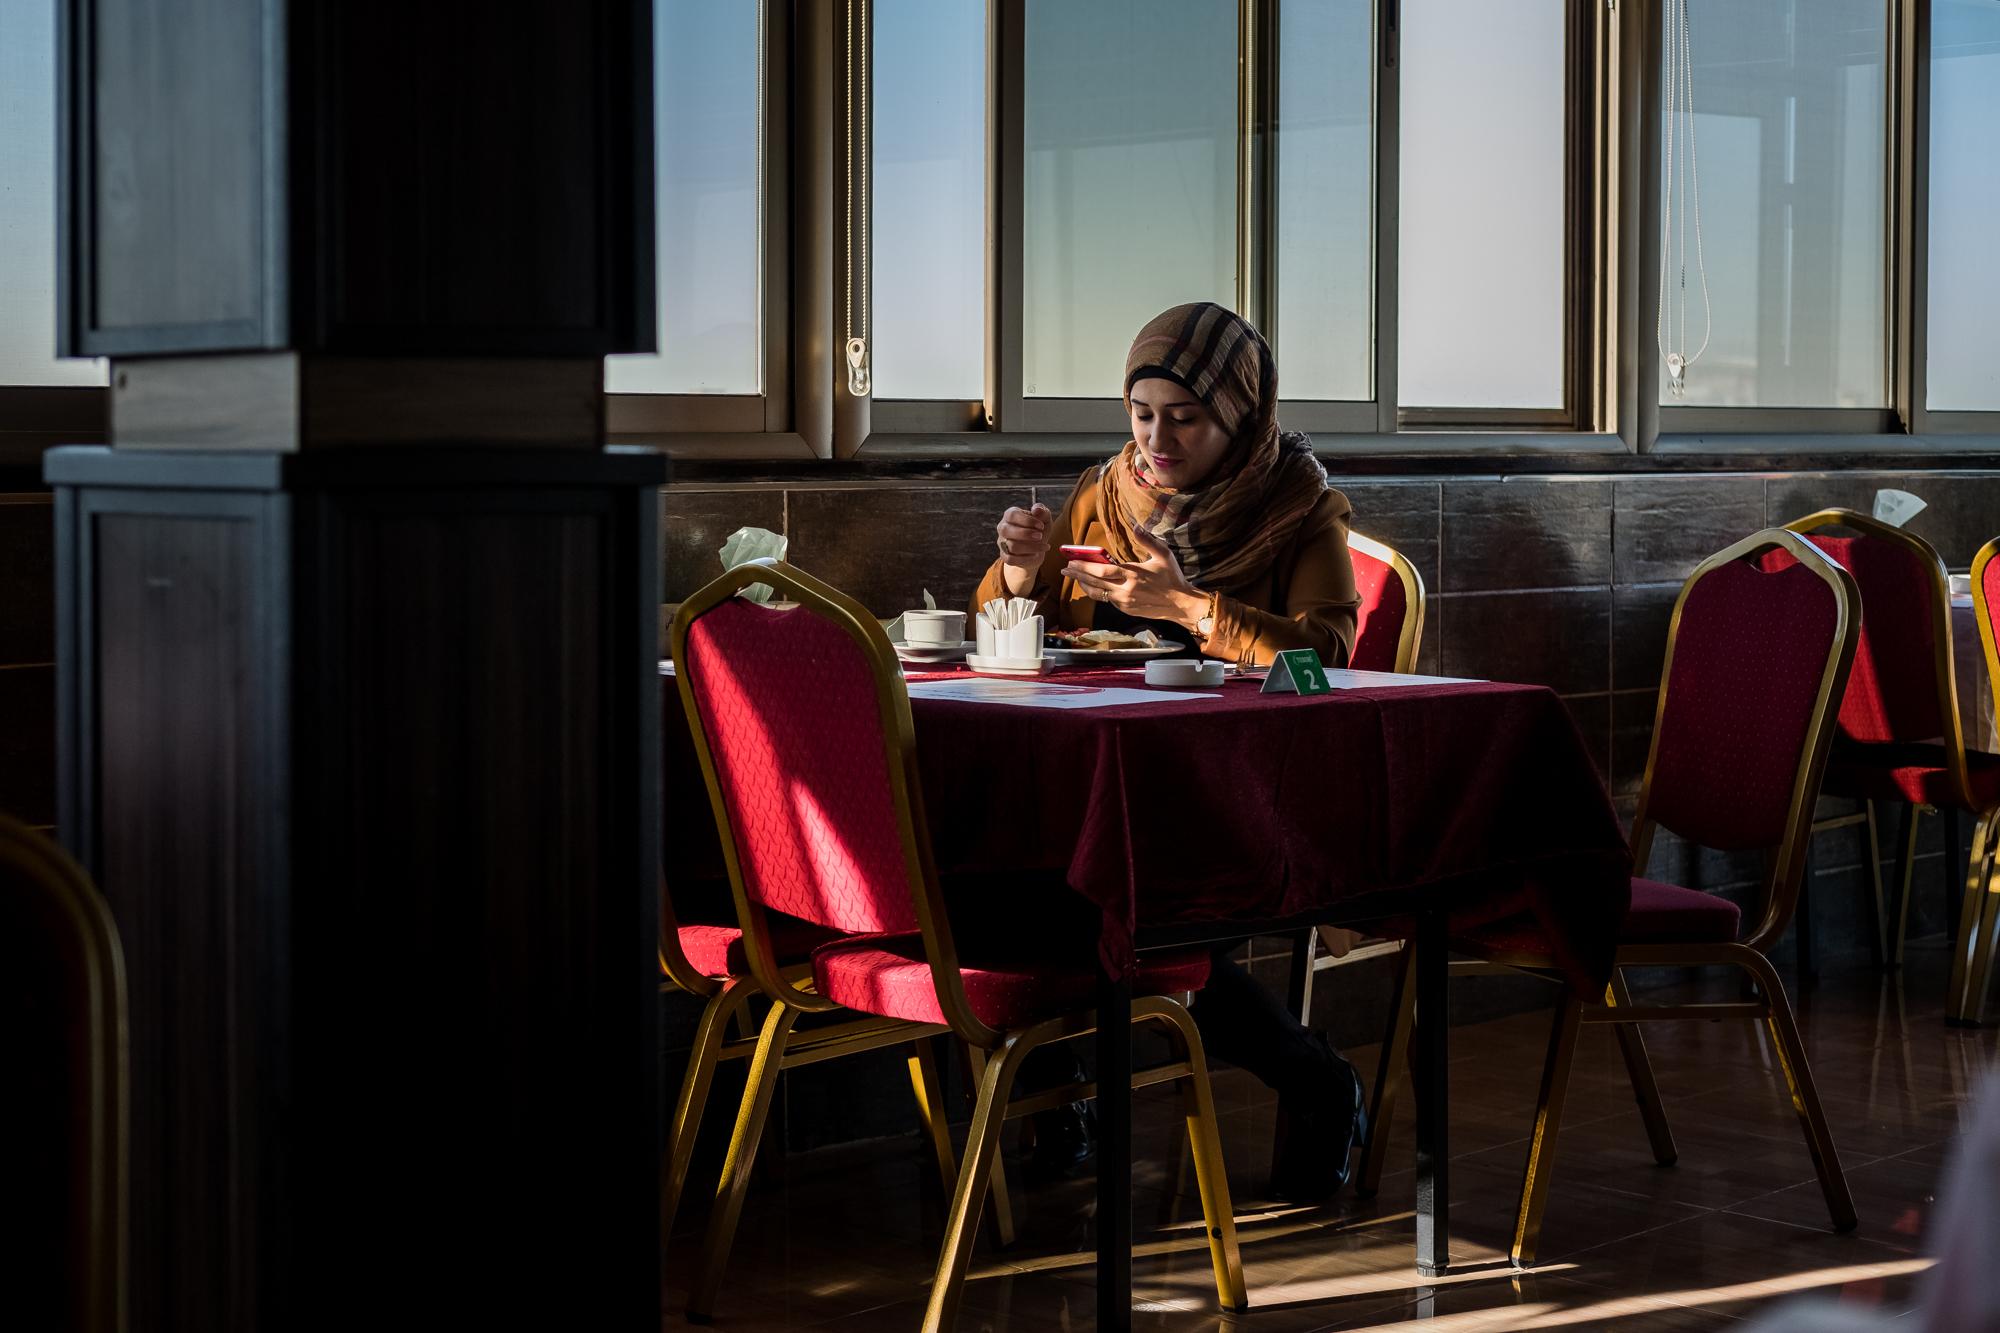 17 avril 2016 : une jeune femme kurde consulte son téléphone portable dans un restaurant du quartier chrétien d'Erbil, capitale du Kurdisan irakien, à moins de 80 kilomètres des lignes de Daech. Irak.- © Jean-Matthieu Gautier - X-Pro 2 - XF 35mm f/2 WR à f/2.8 - 1/680 - ISO 500